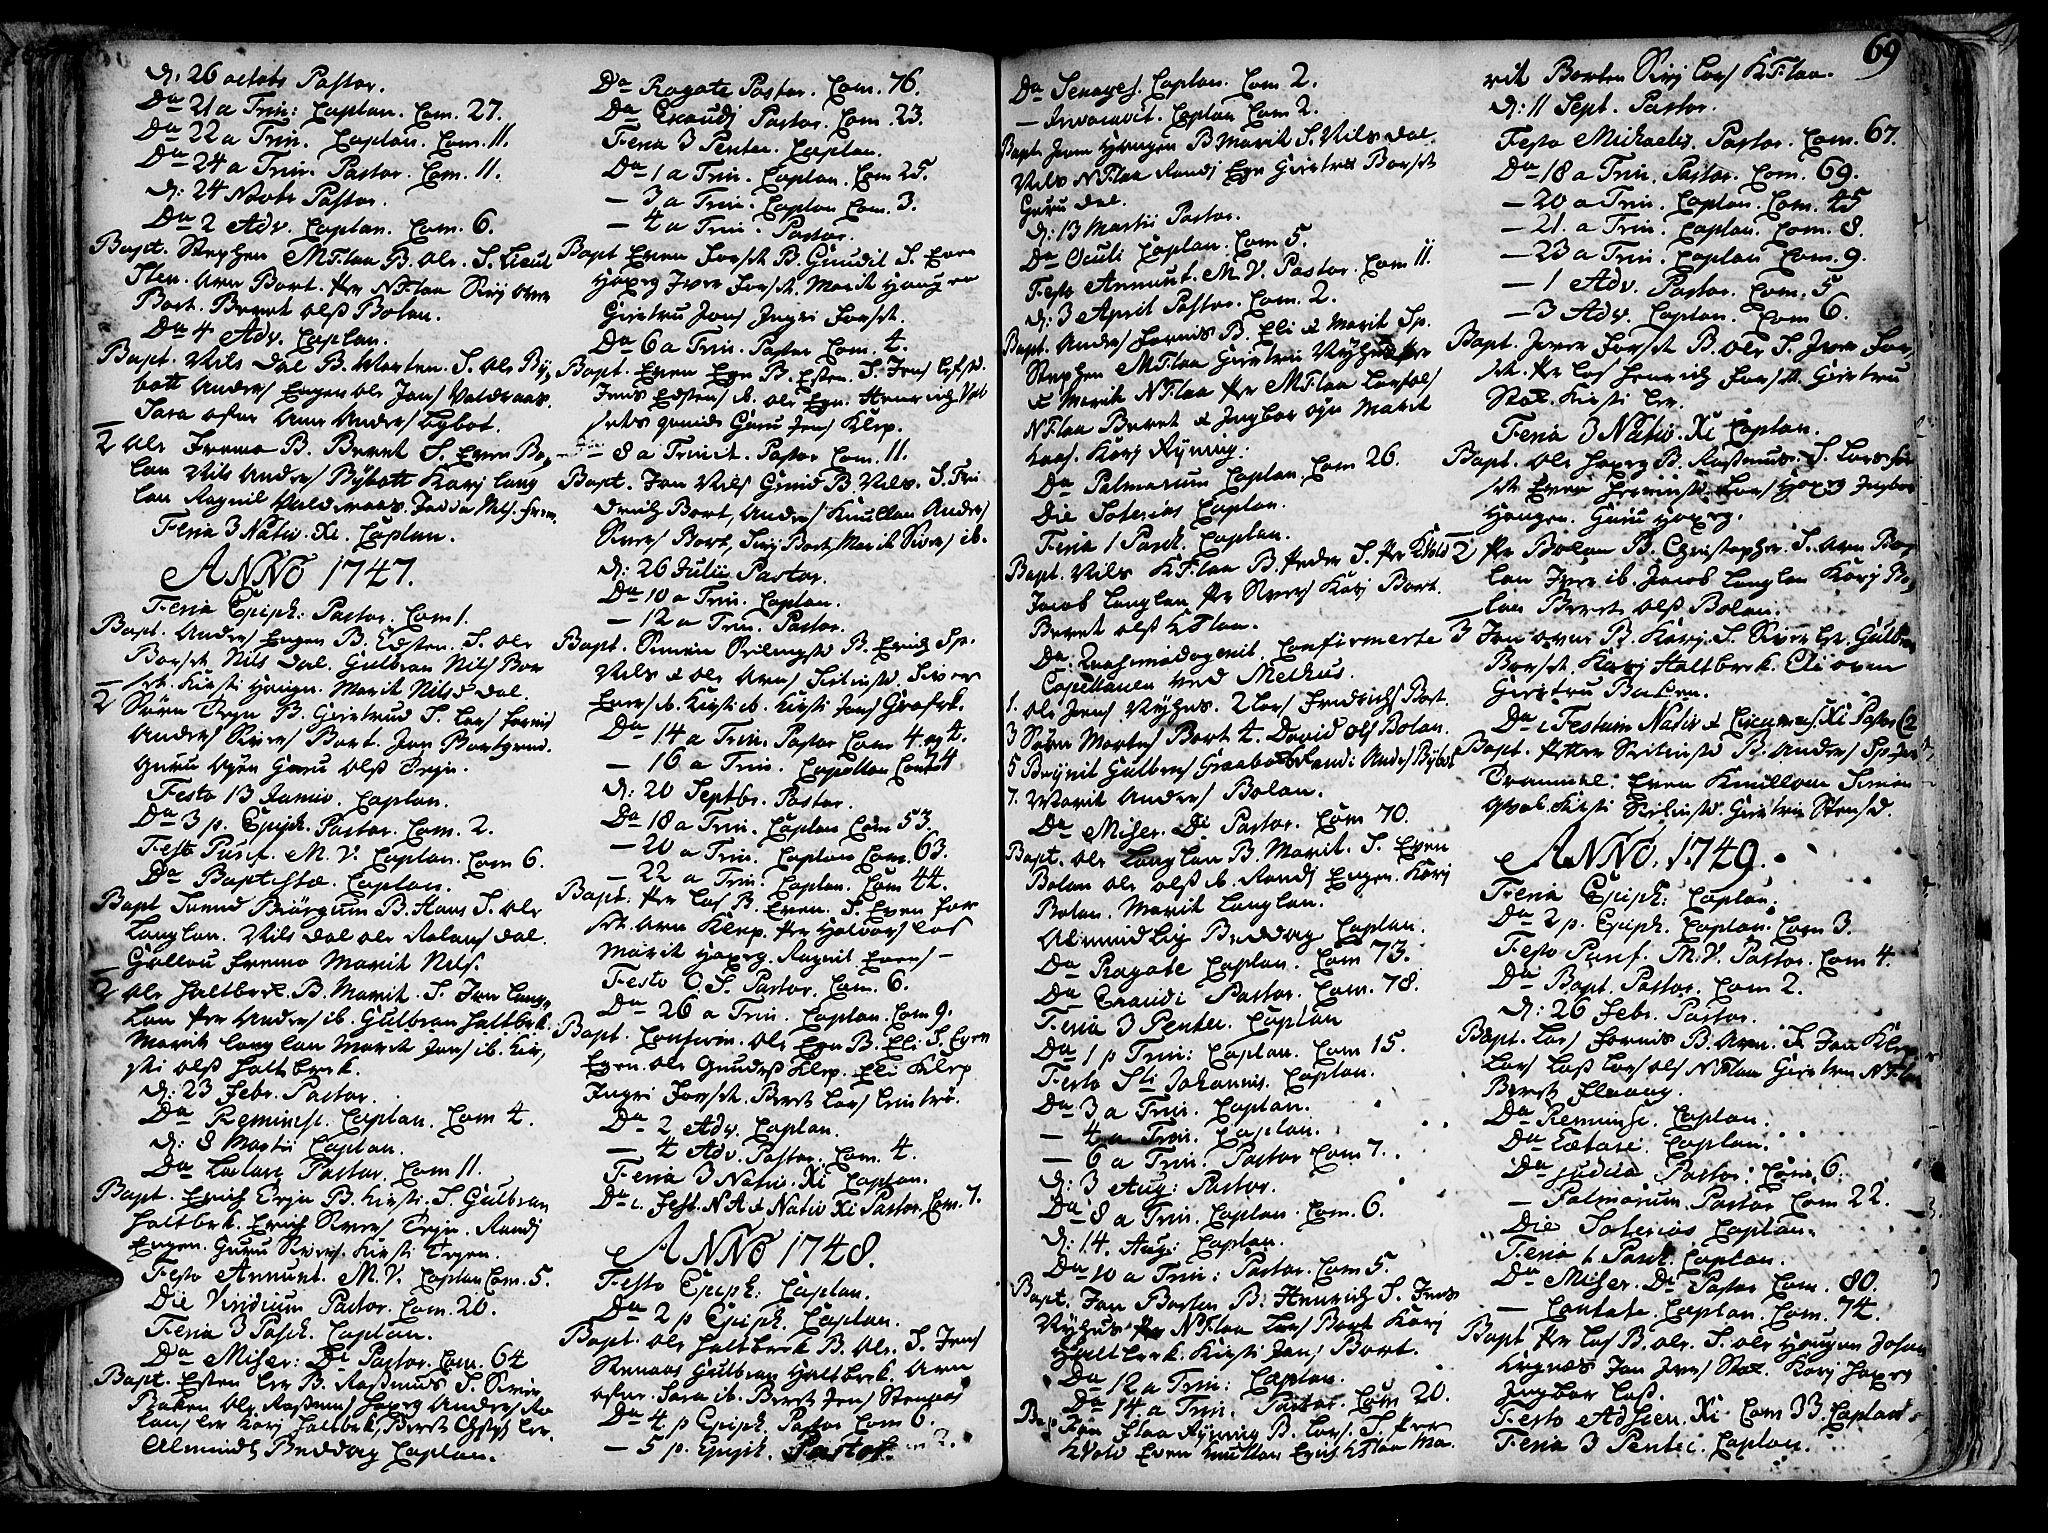 SAT, Ministerialprotokoller, klokkerbøker og fødselsregistre - Sør-Trøndelag, 691/L1058: Ministerialbok nr. 691A01 /2, 1740-1767, s. 69